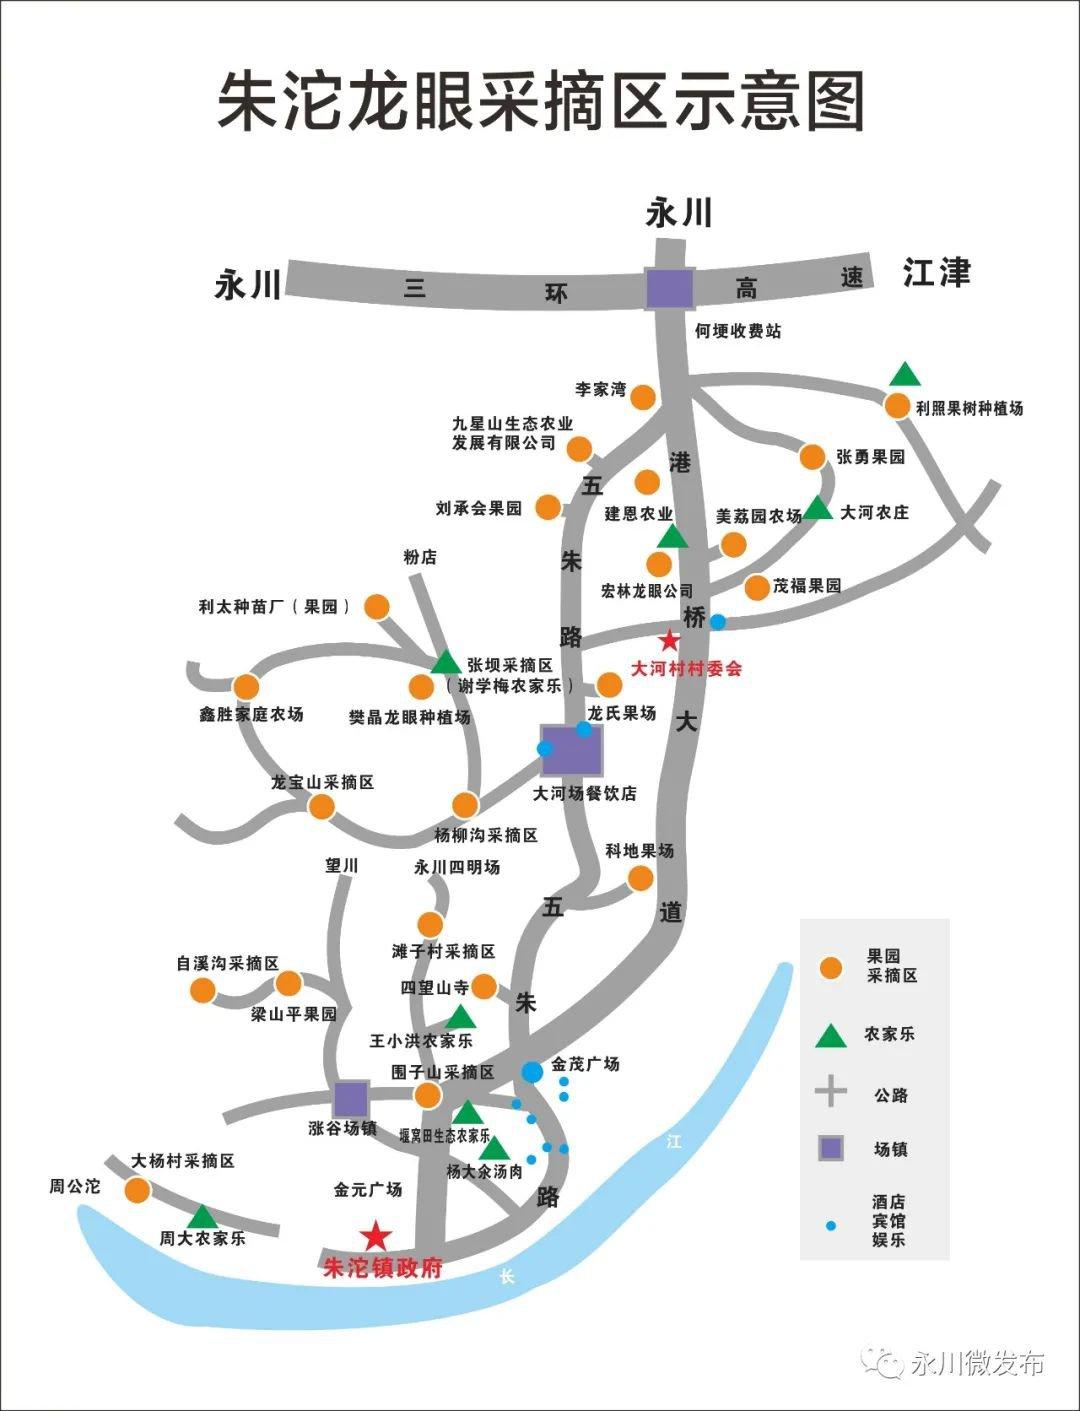 重庆永川朱沱镇龙眼基地分布一览